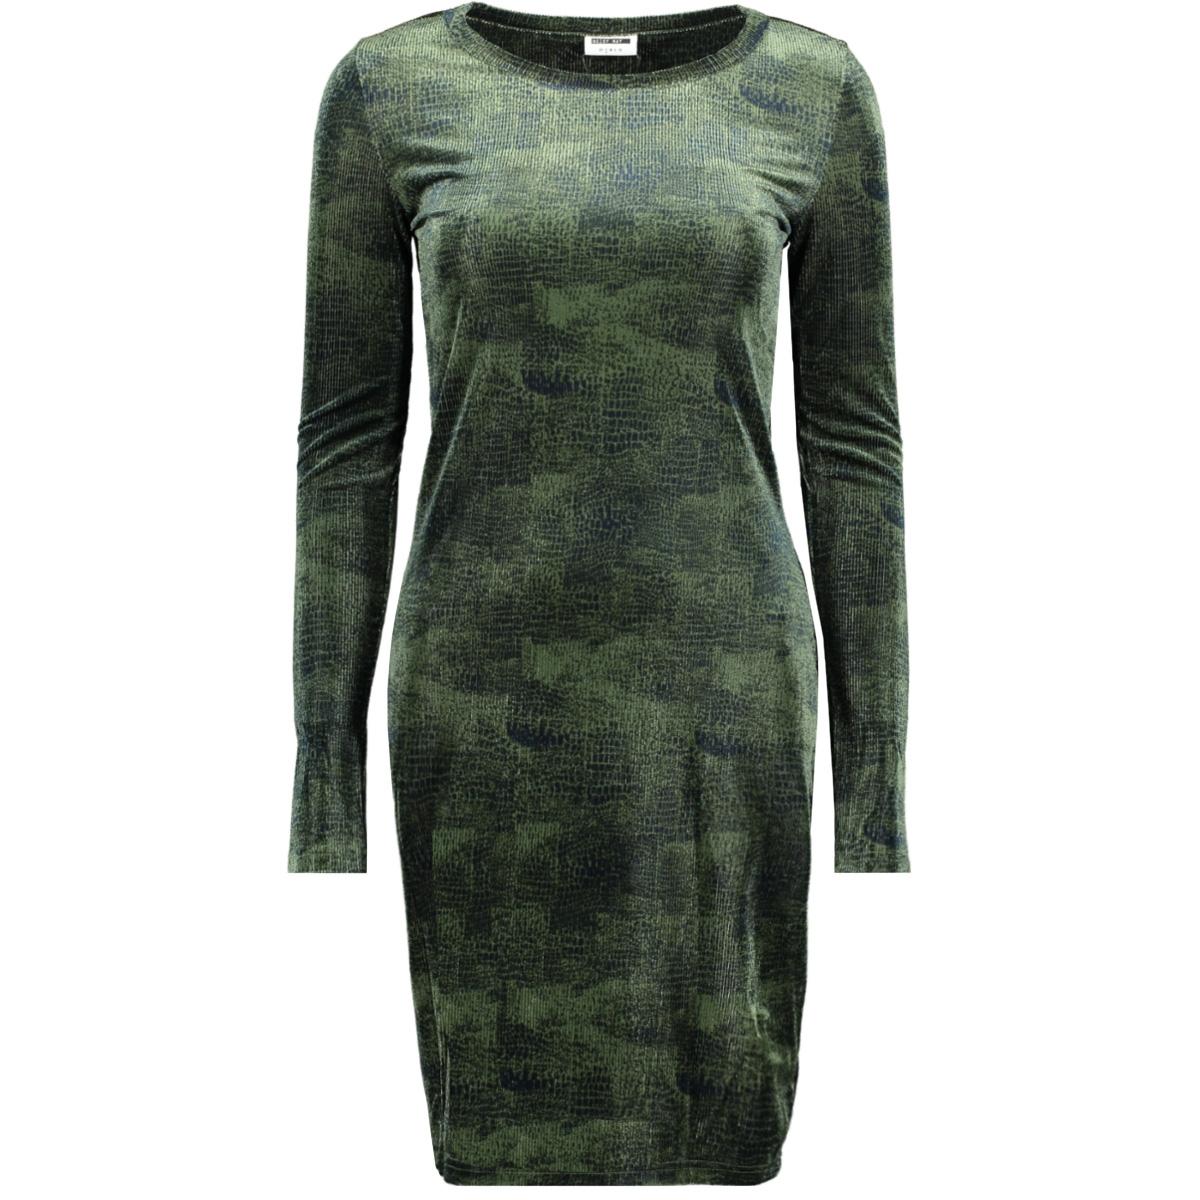 nmzanna l/s short dress 7 27009187 noisy may jurk olivine/olivine